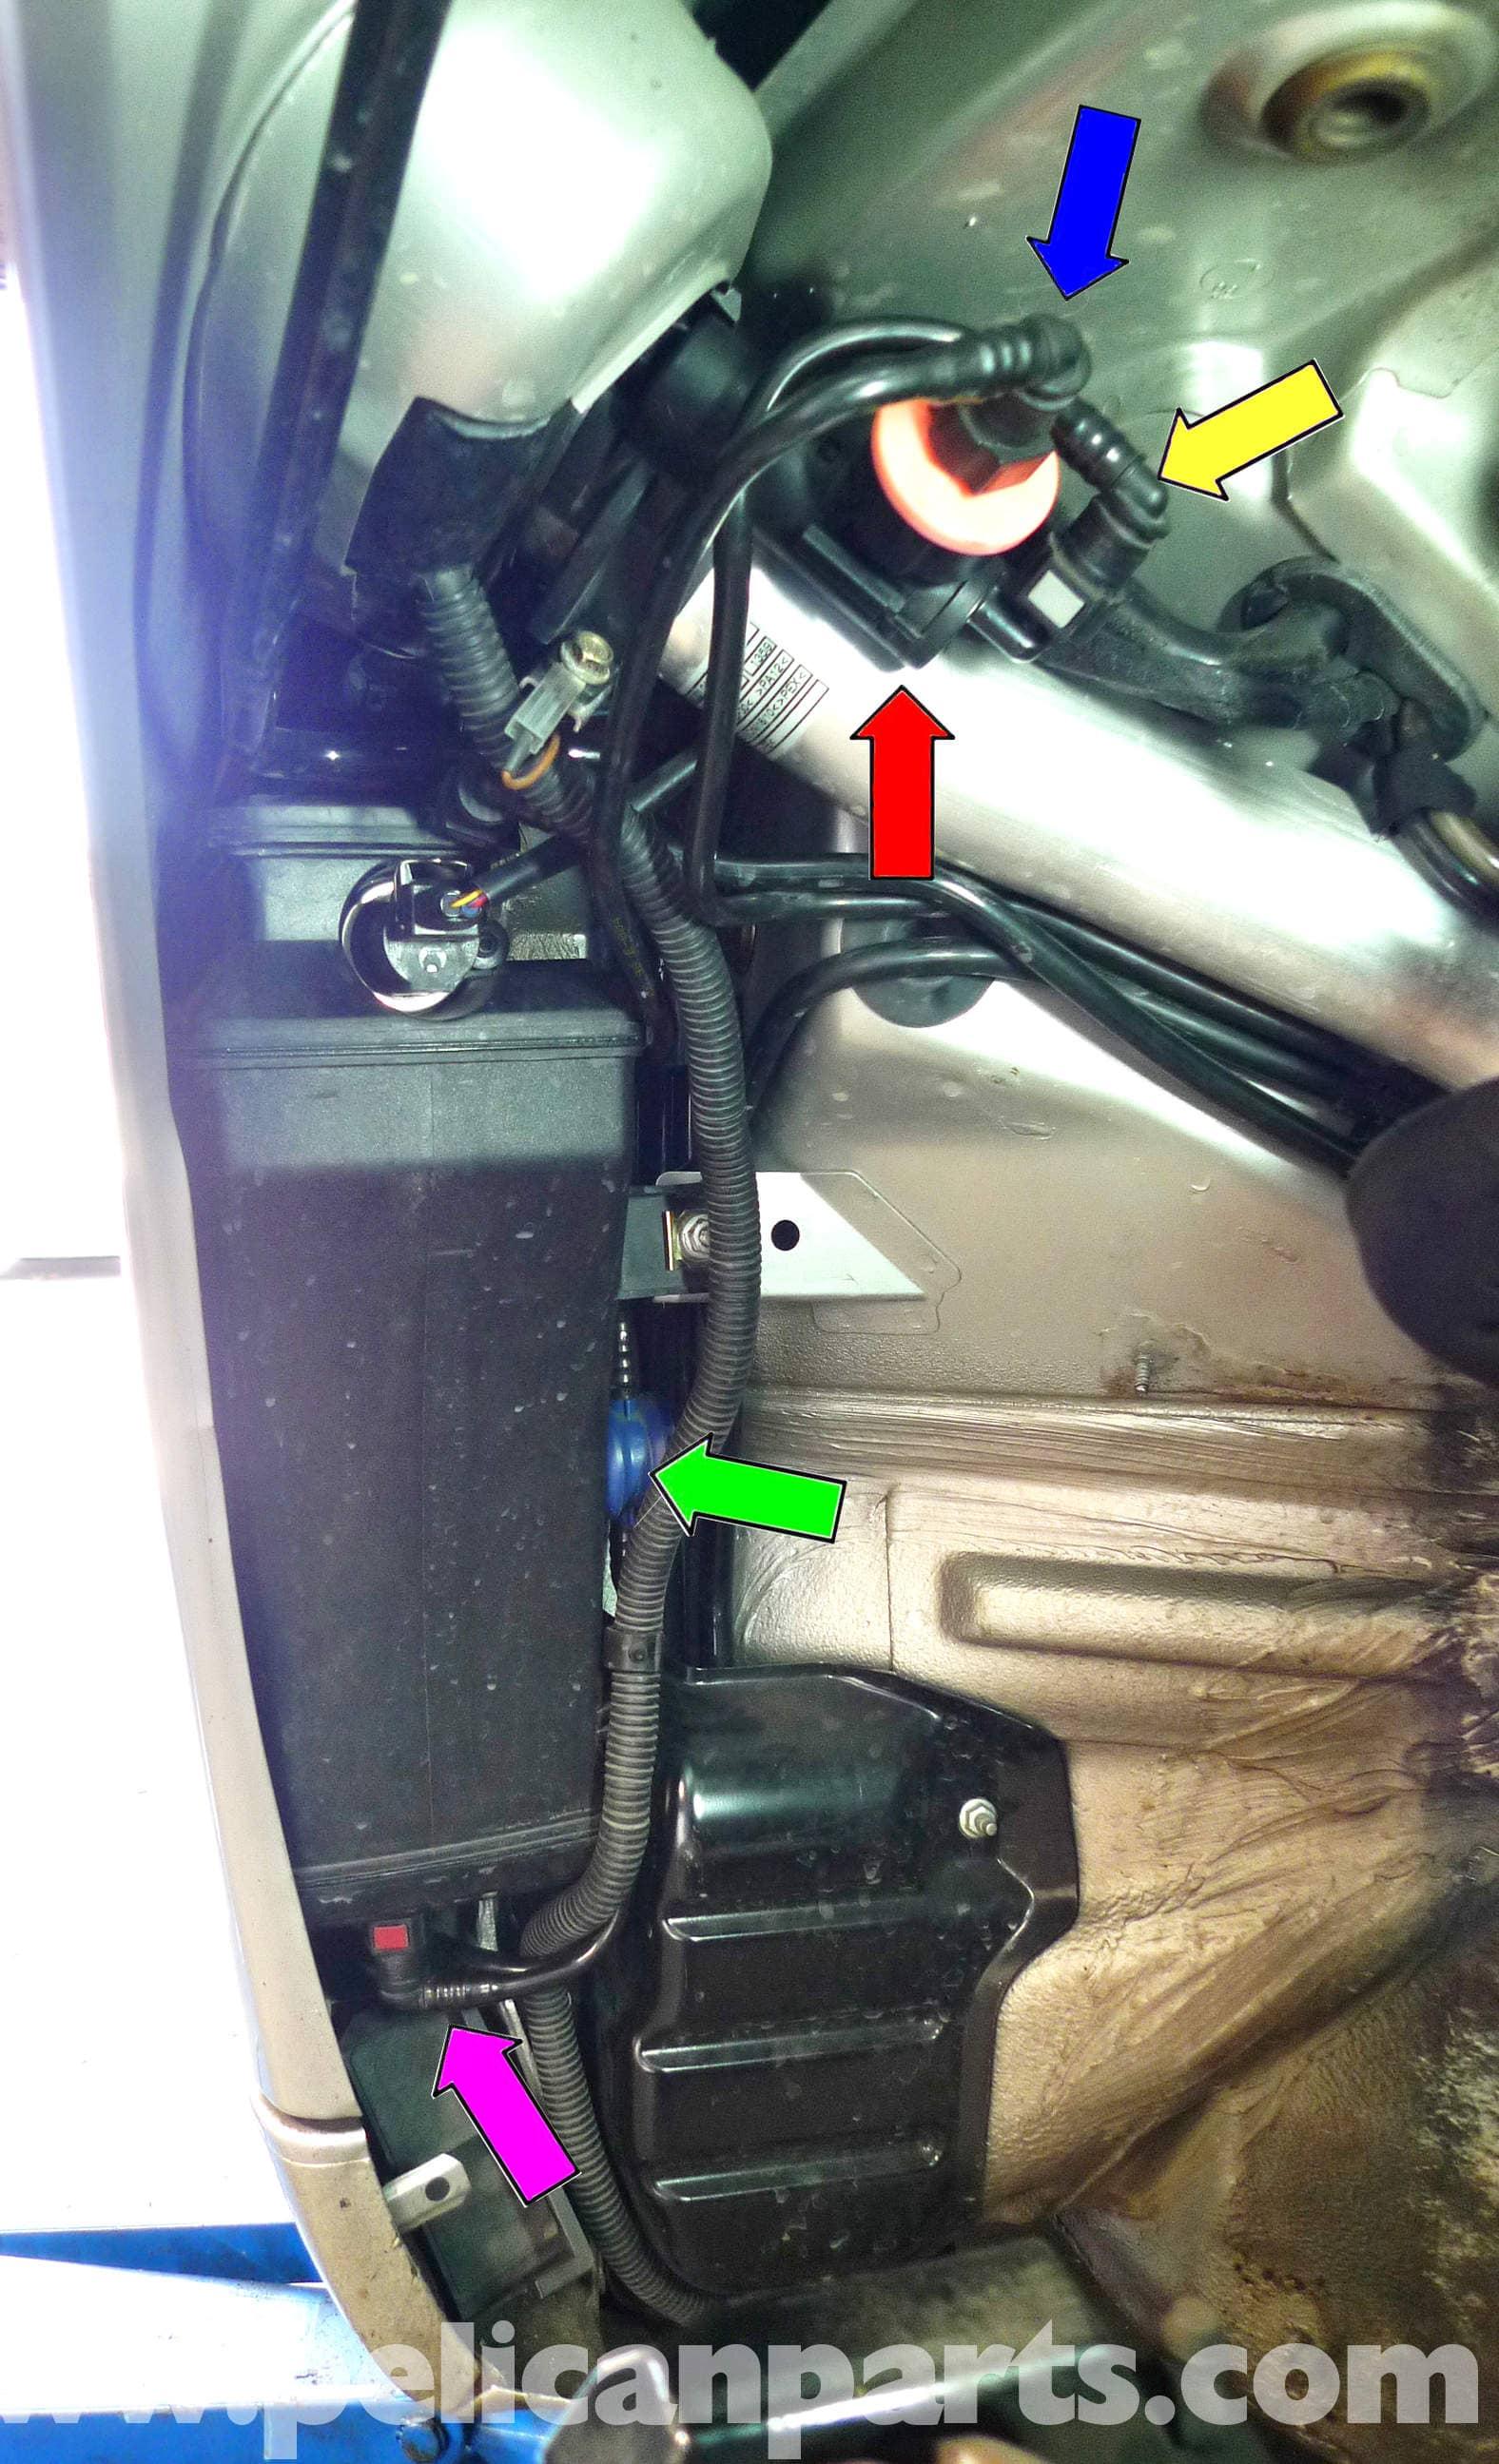 Replacing Your 996 Fuel Line Vent Valve / Bleeder Valve - Porsche